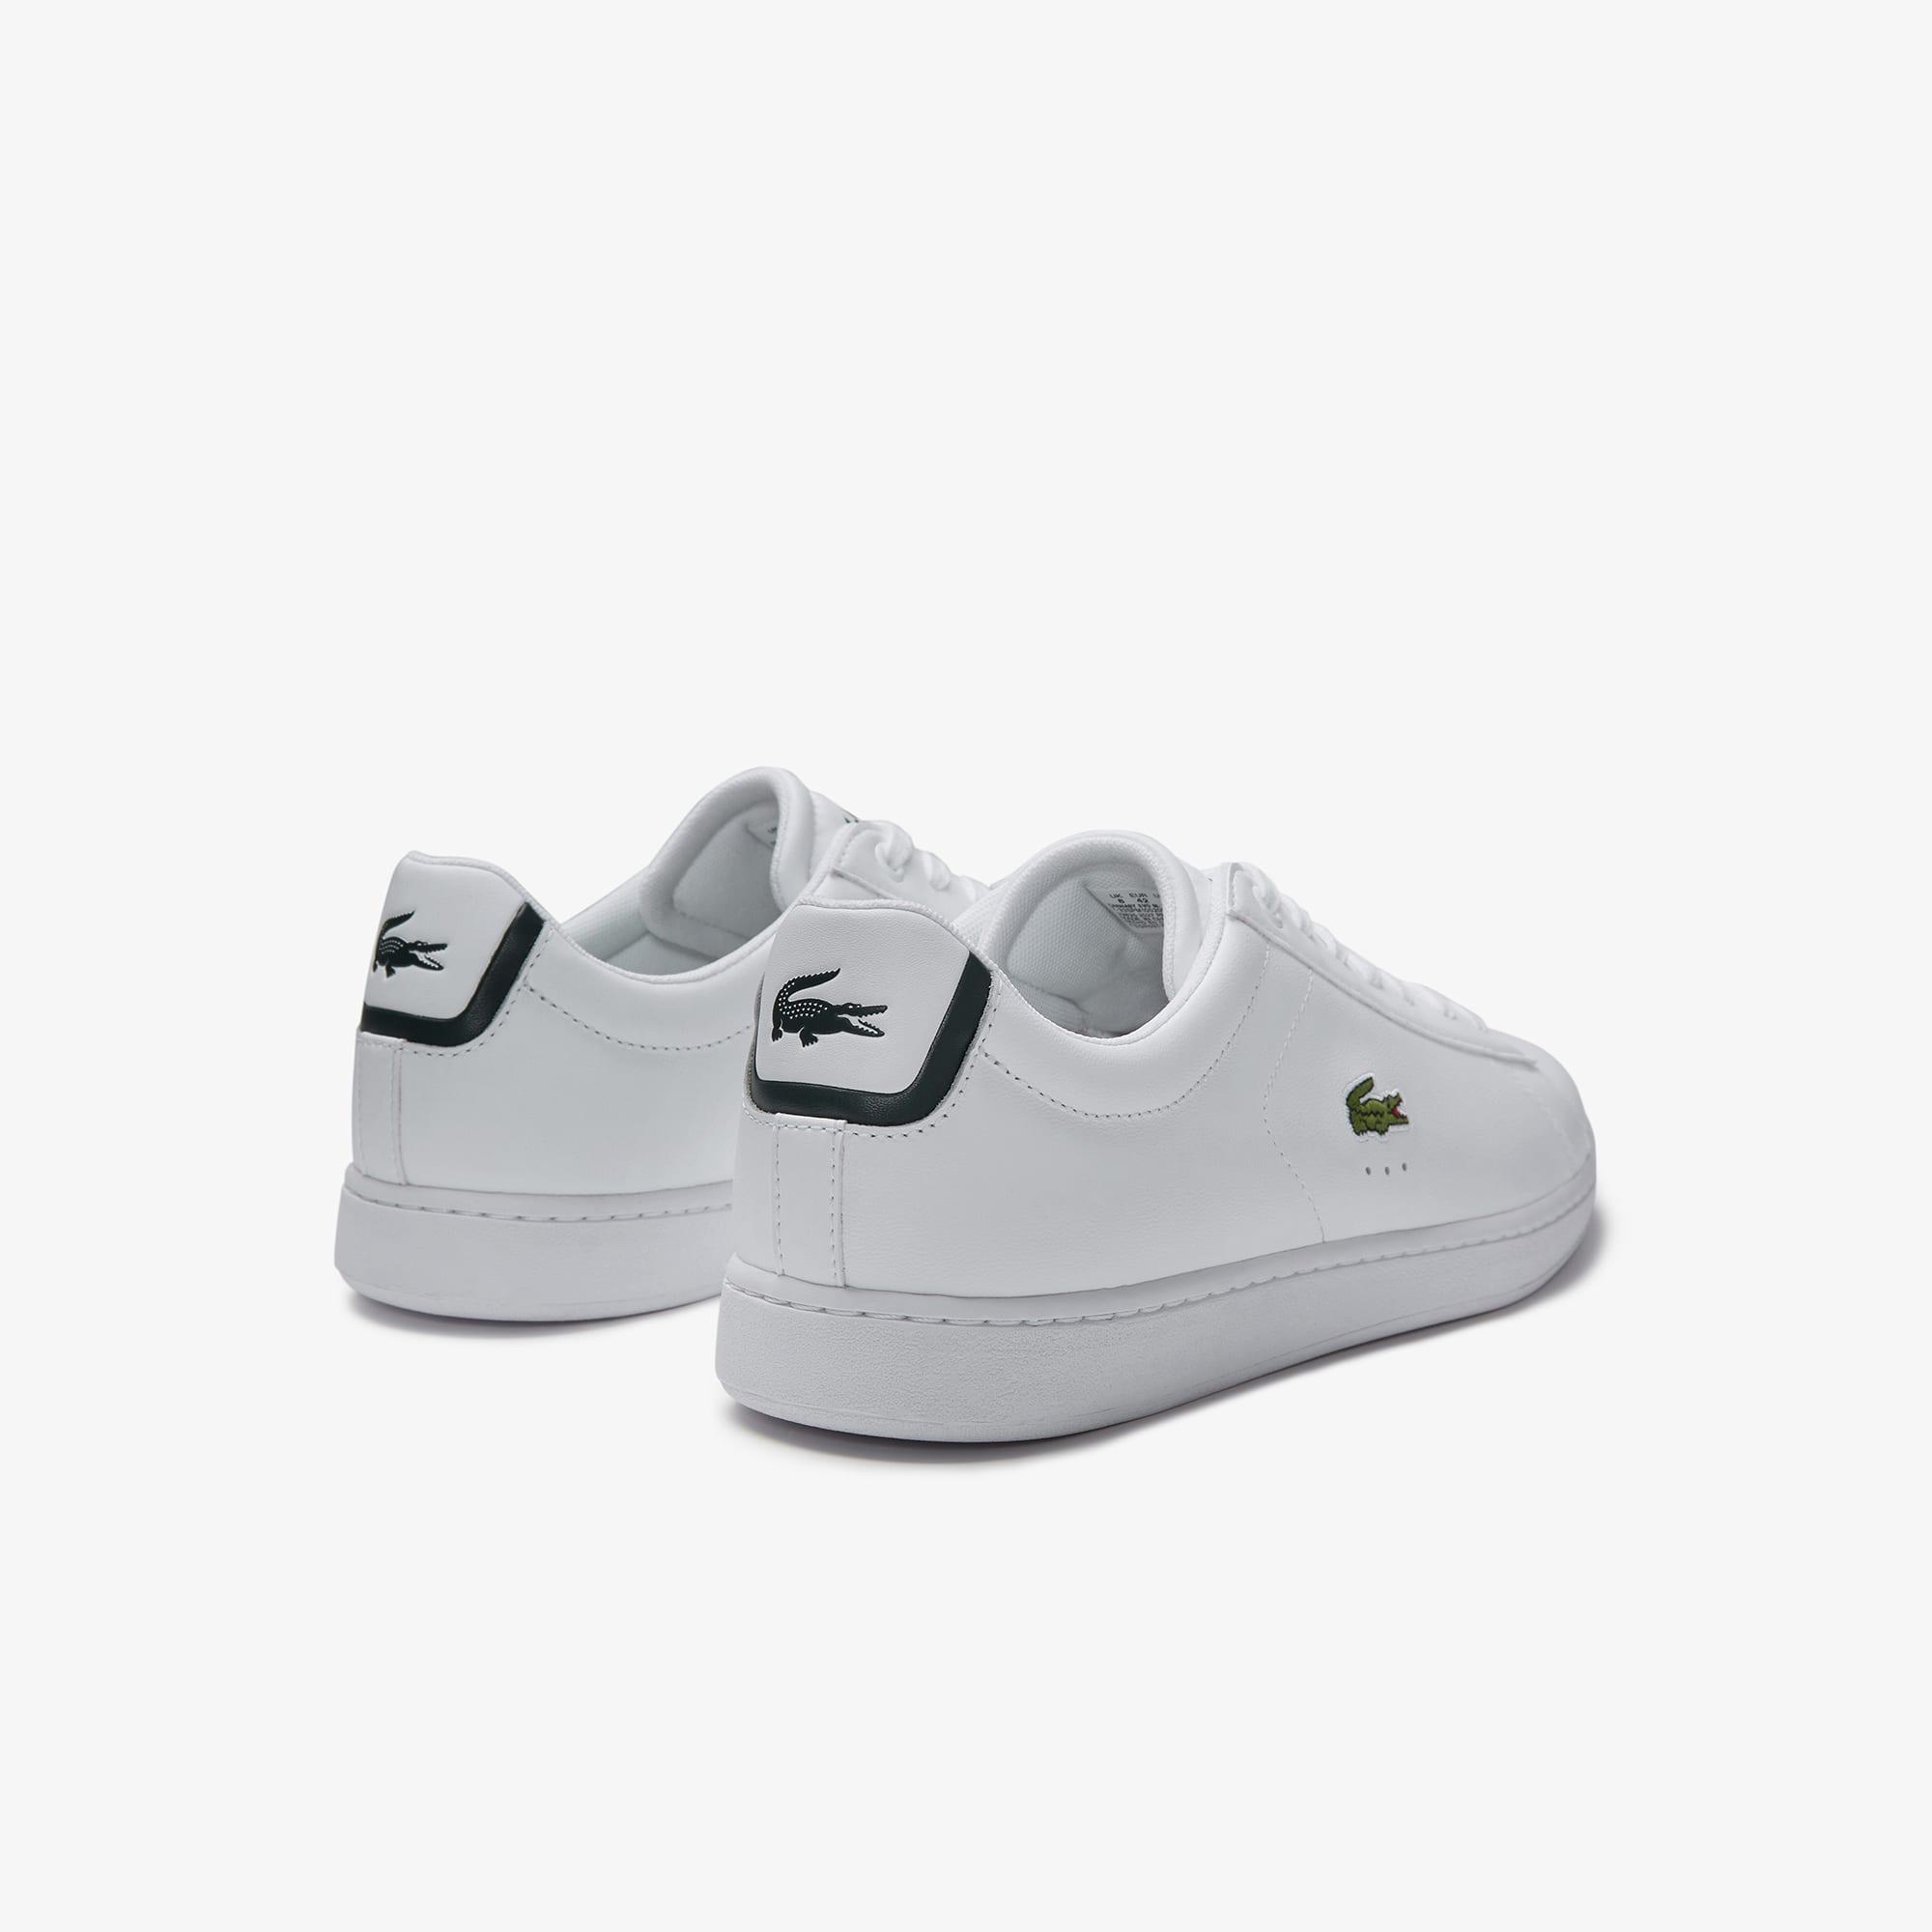 Evo Sneakers Premium Homme Cuir En Carnaby vn0mN8w